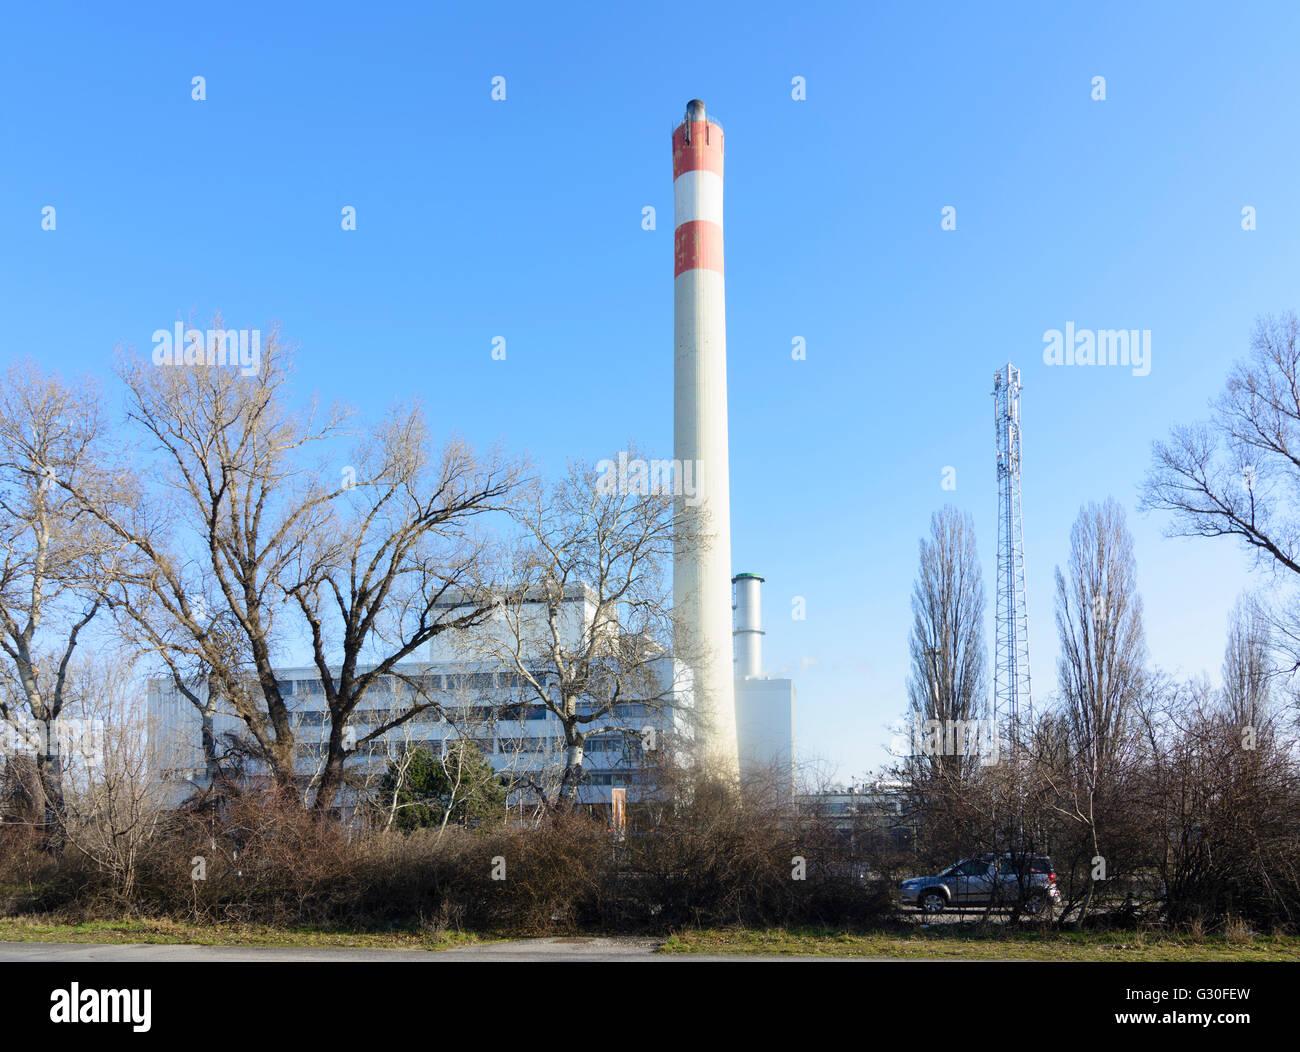 Steam power station Donaustadt of Wienenergie, Austria, Wien 22., Wien, Vienna - Stock Image